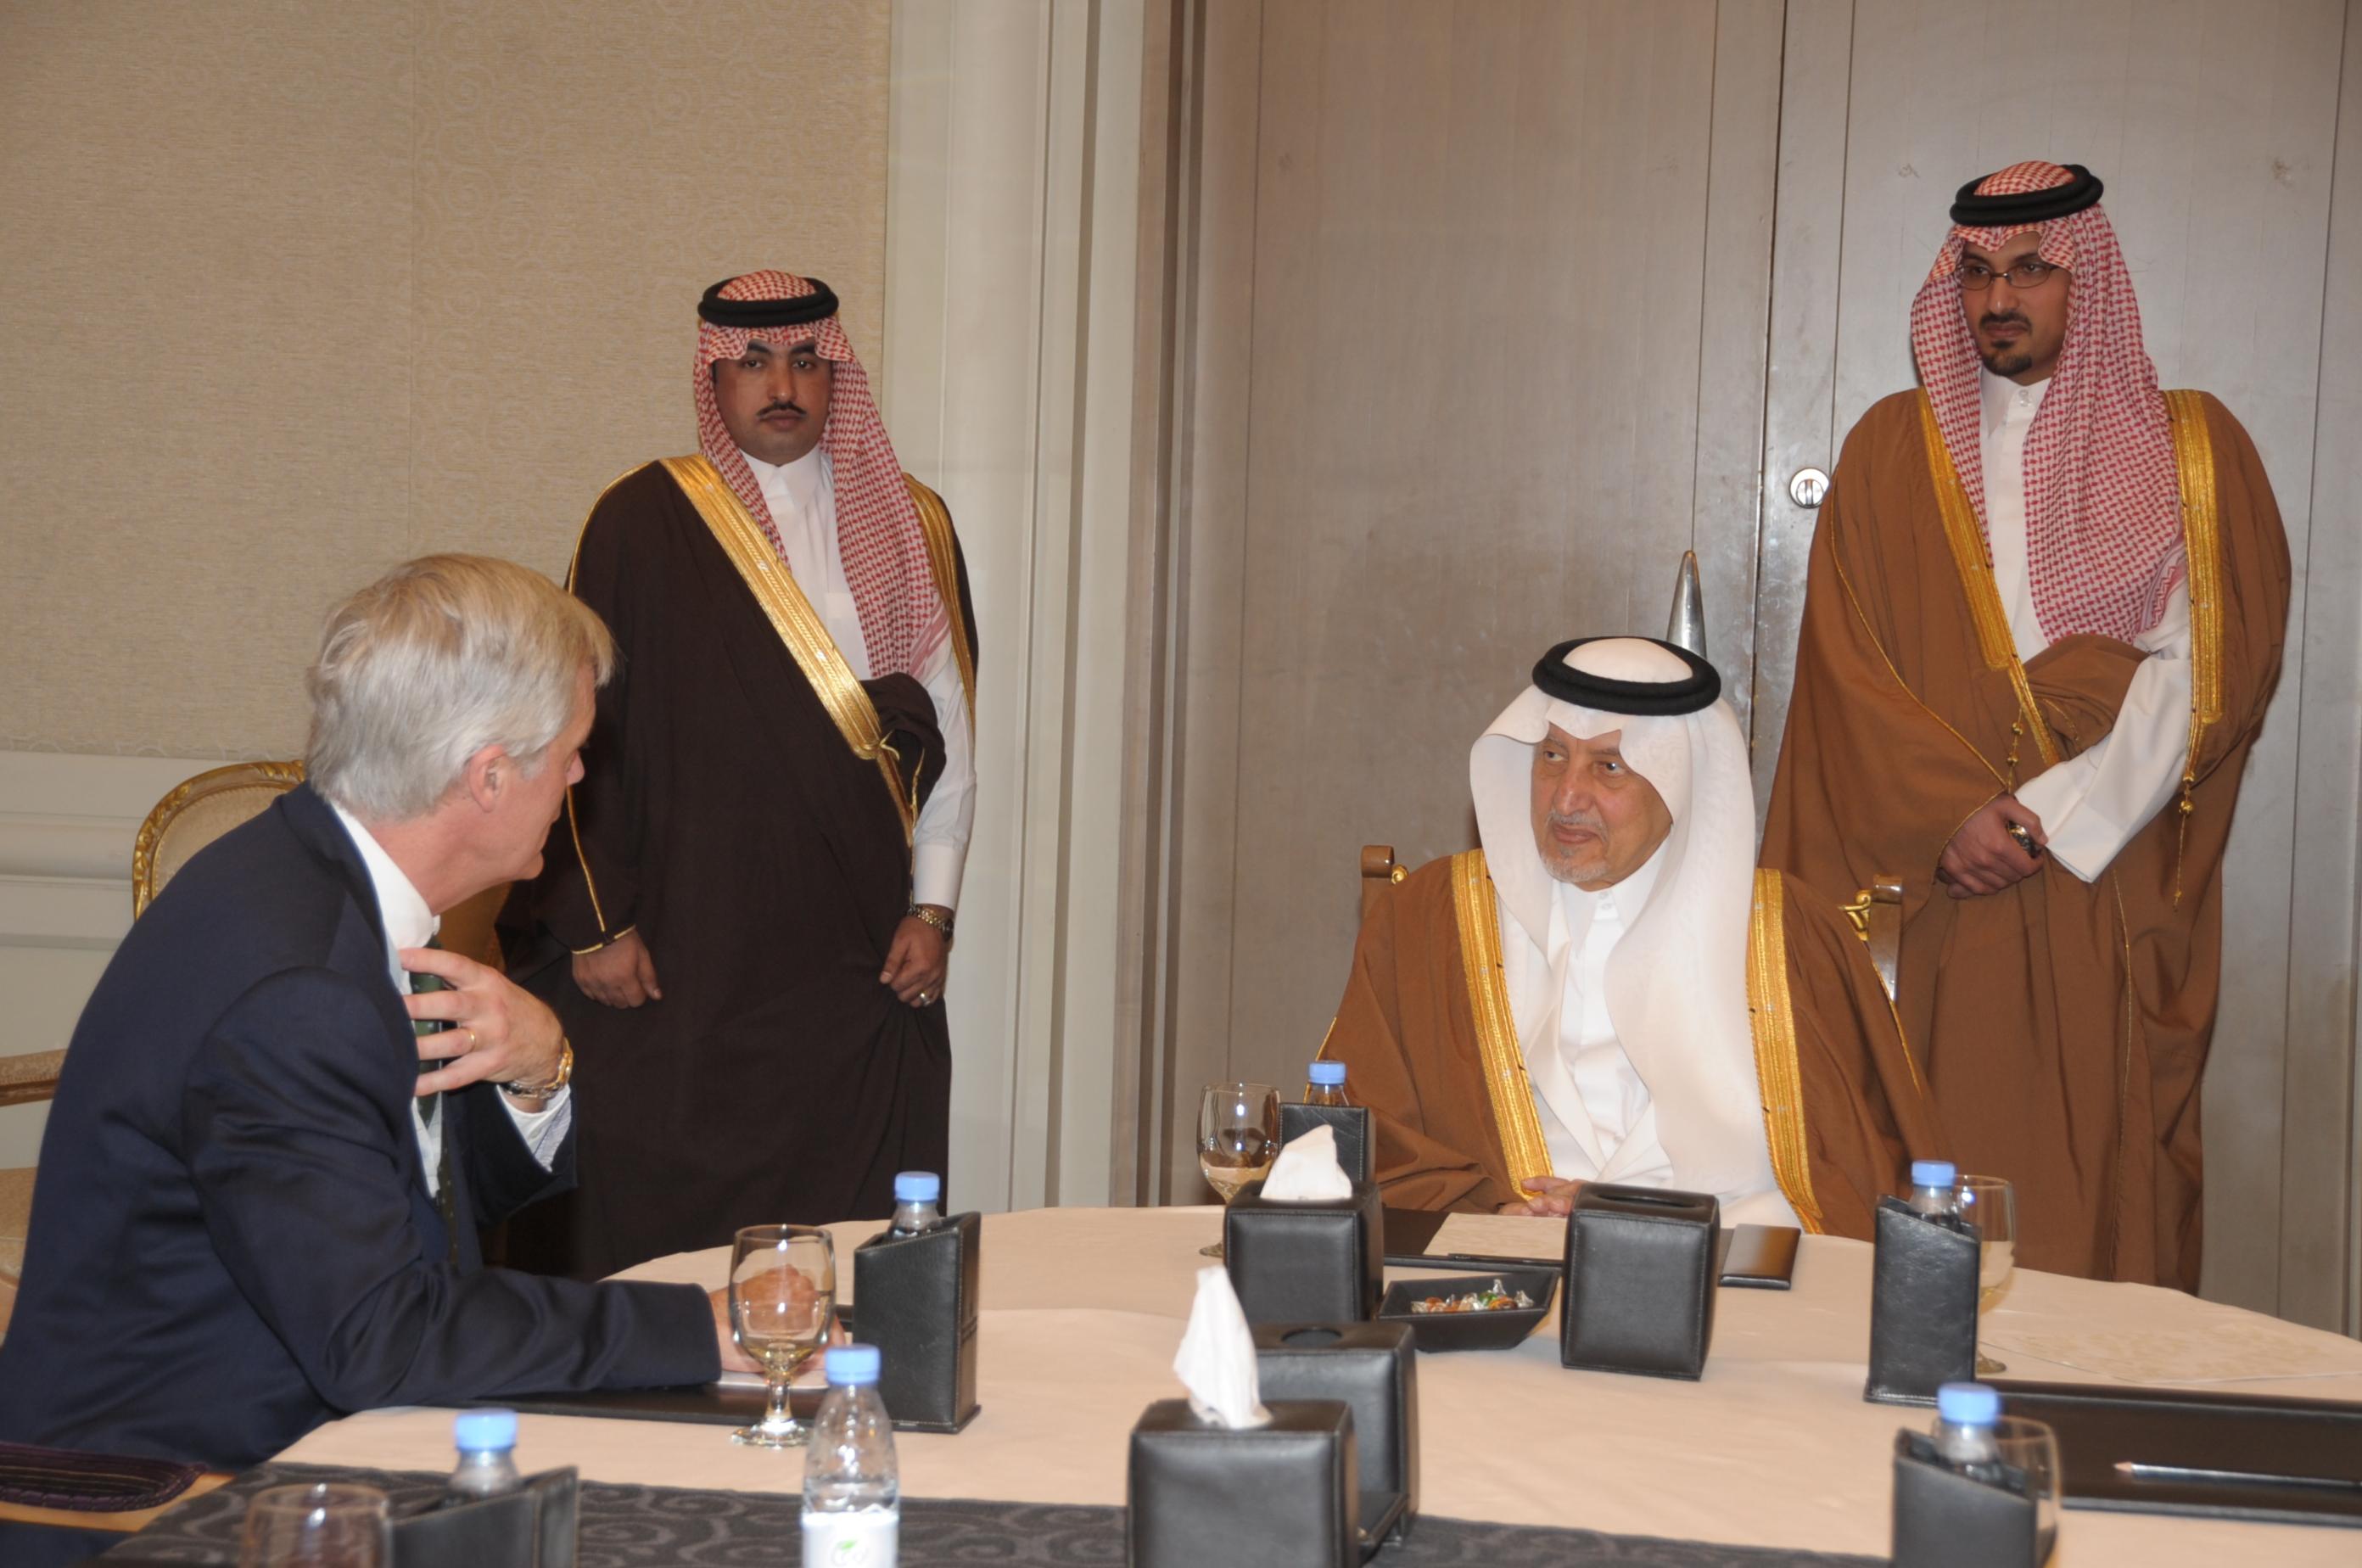 خالد الفيصل يعقد اجتماعات مع متخصصين في التقنية والتعليم